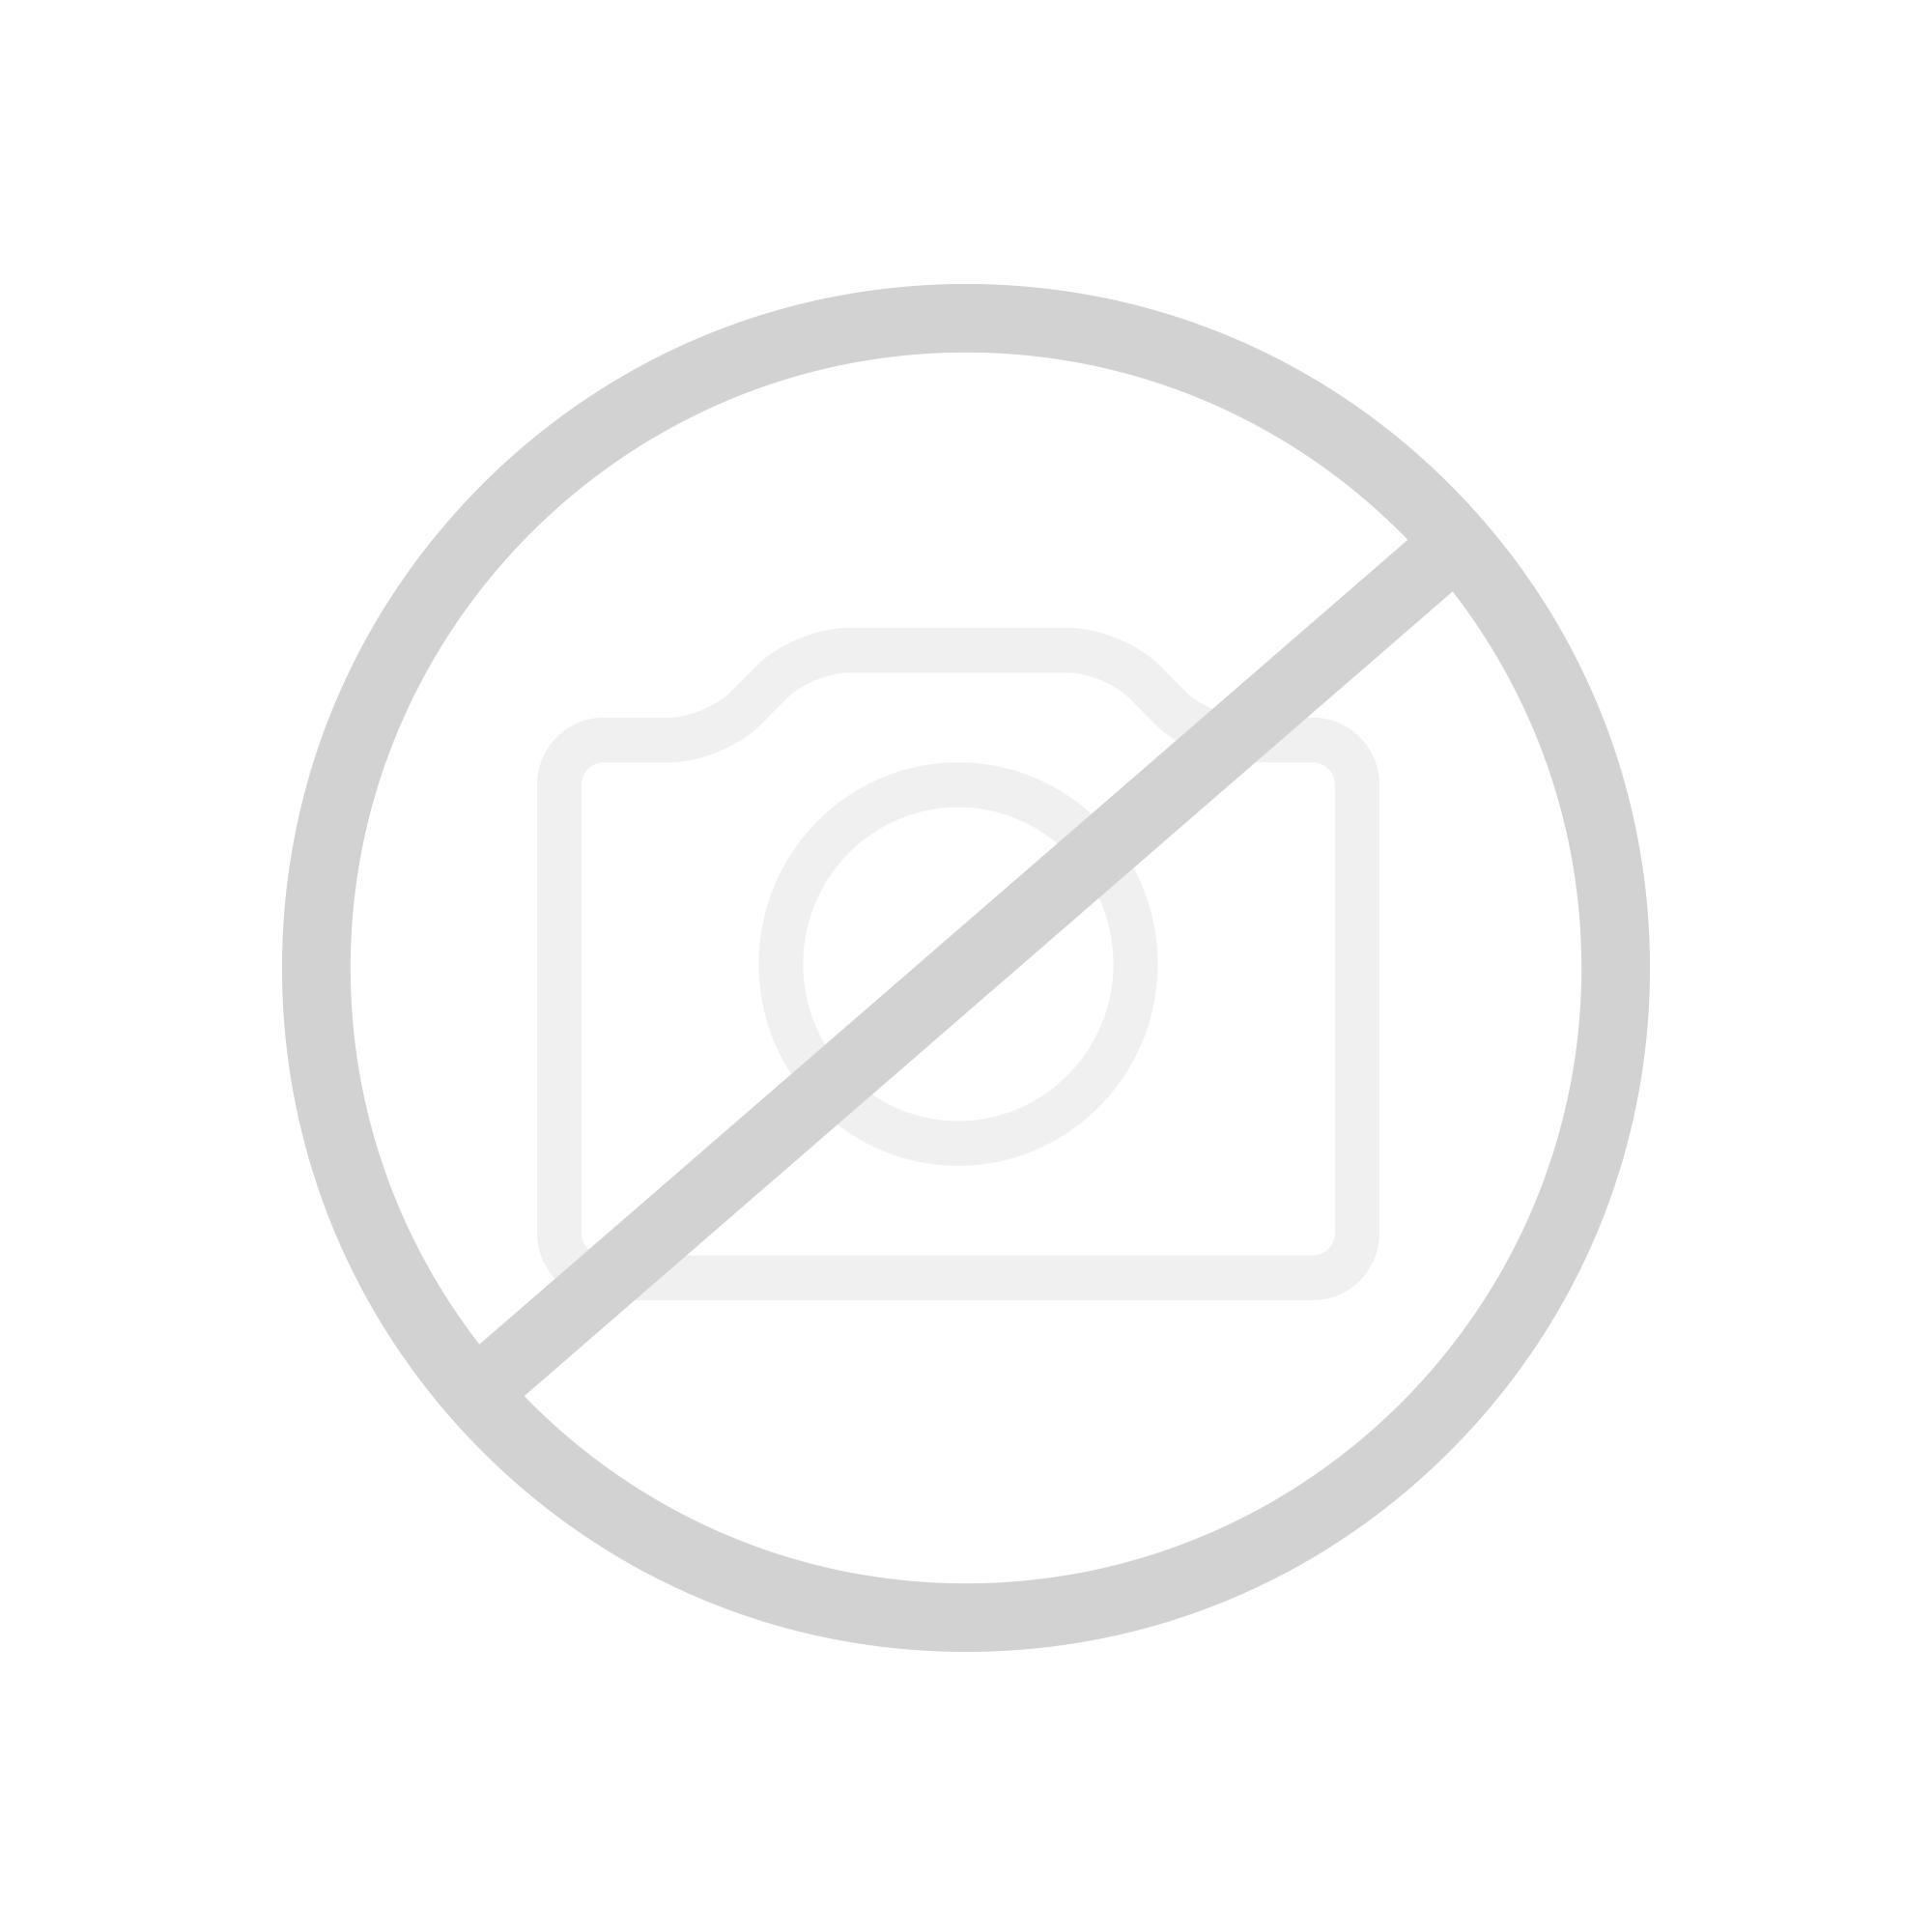 Herzbach duschsysteme kaufen reuter onlineshop reuter - Glasduschwand reinigen ...